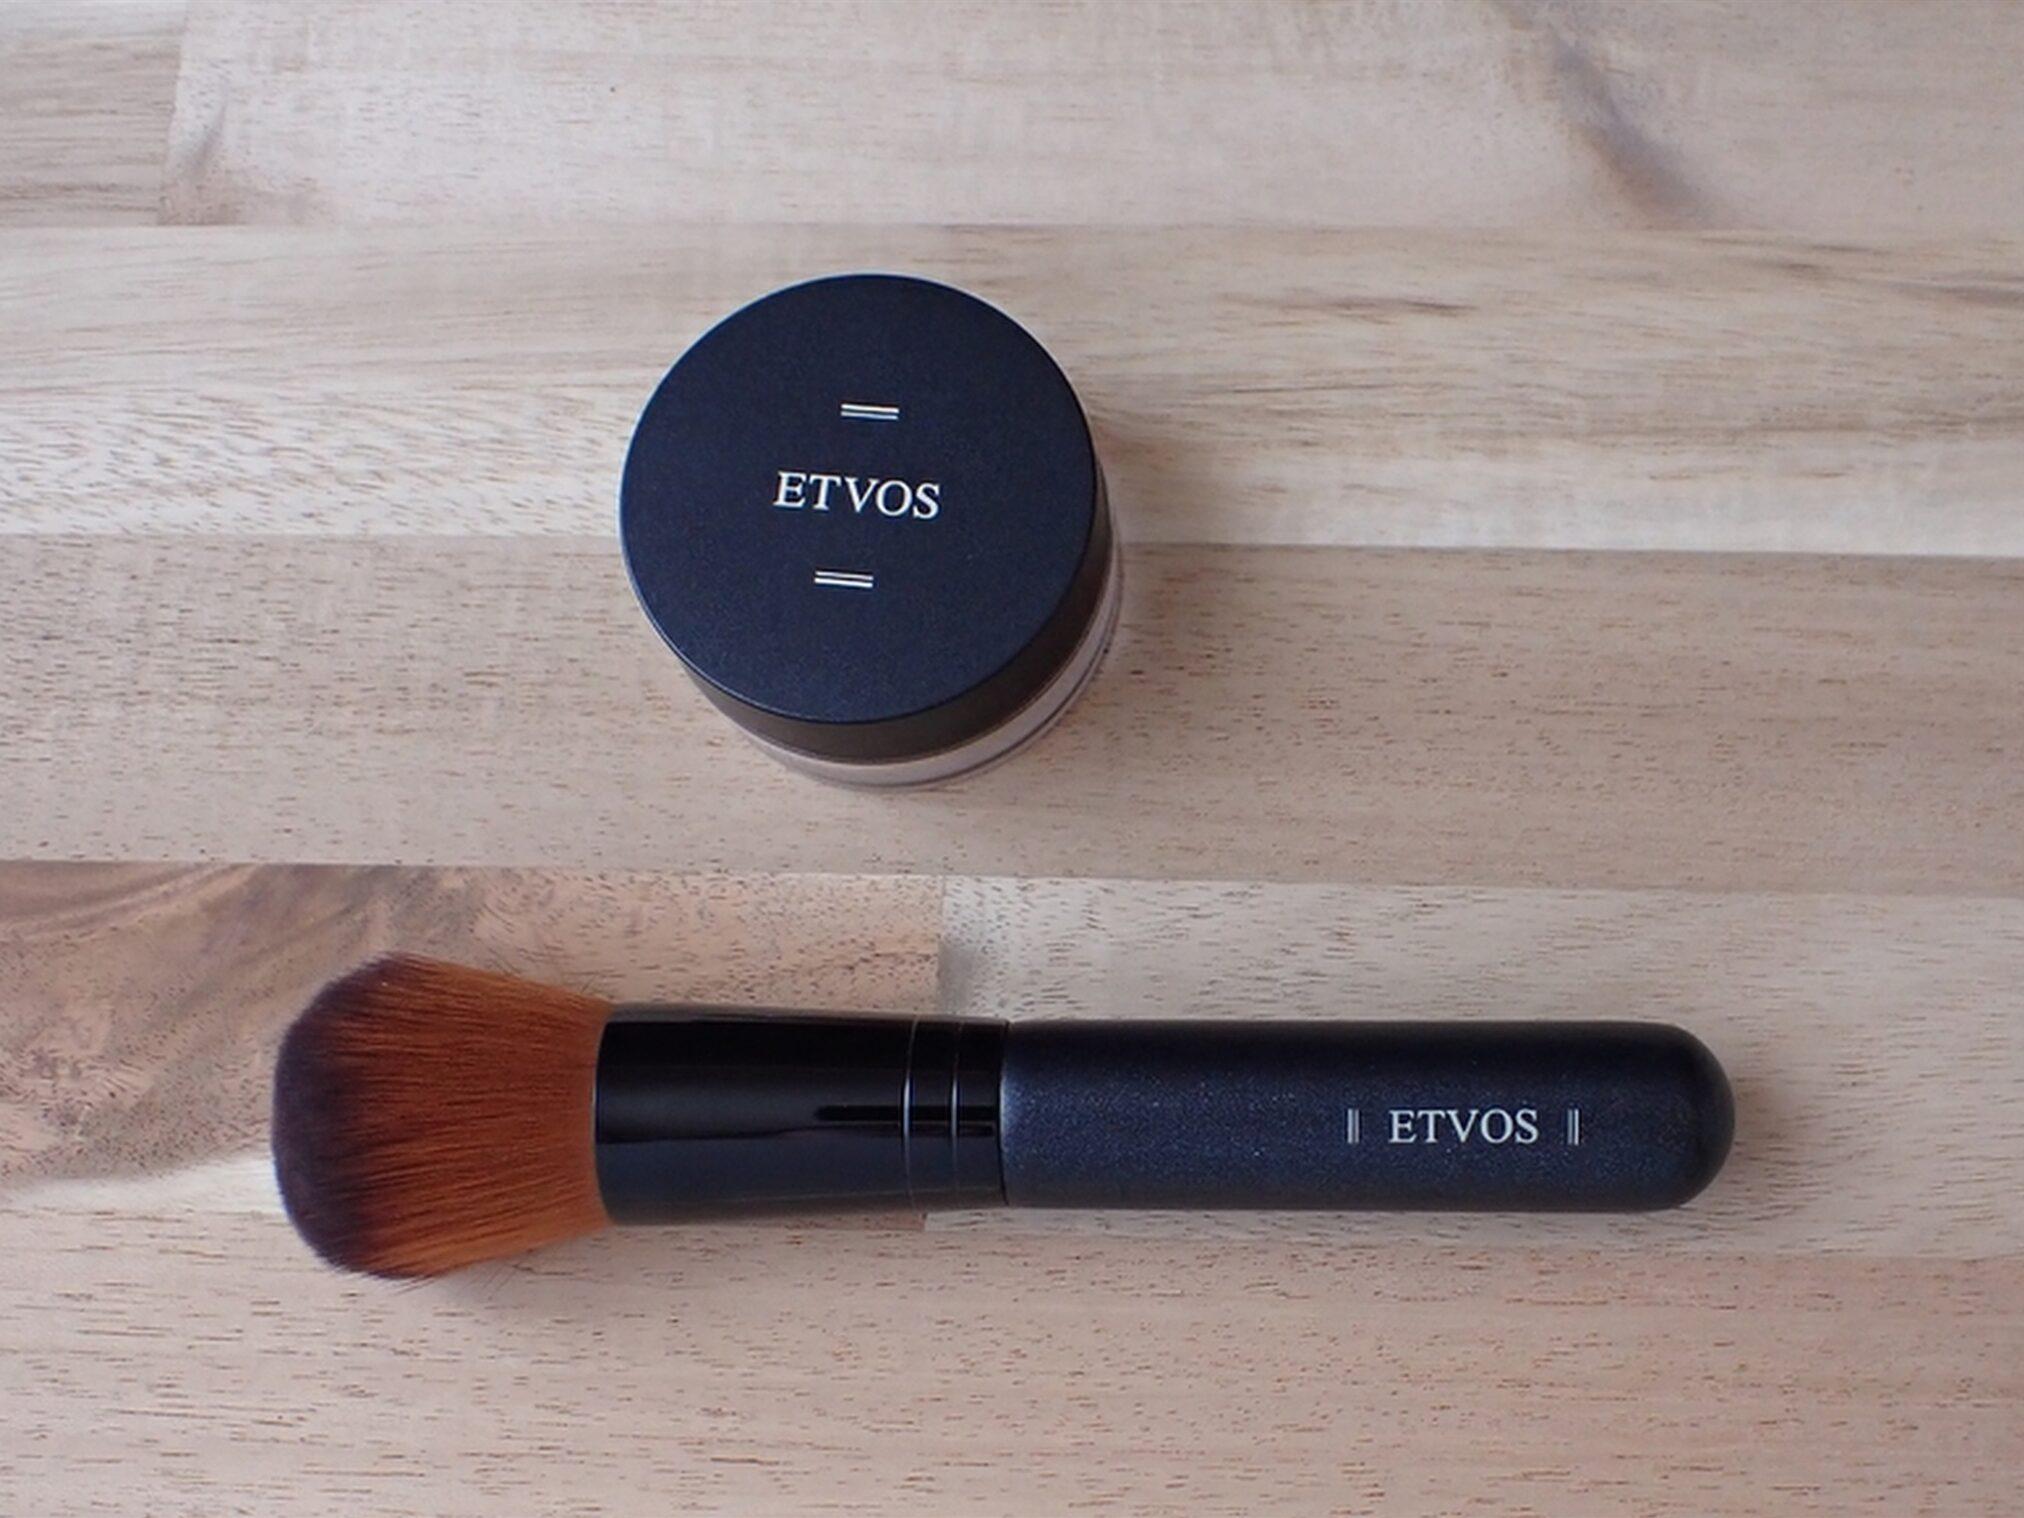 エトヴォス ETVOS パーフェクトキット マットスムースミネラルファンデーション フェイスカブキブラシで馴染ませて使います